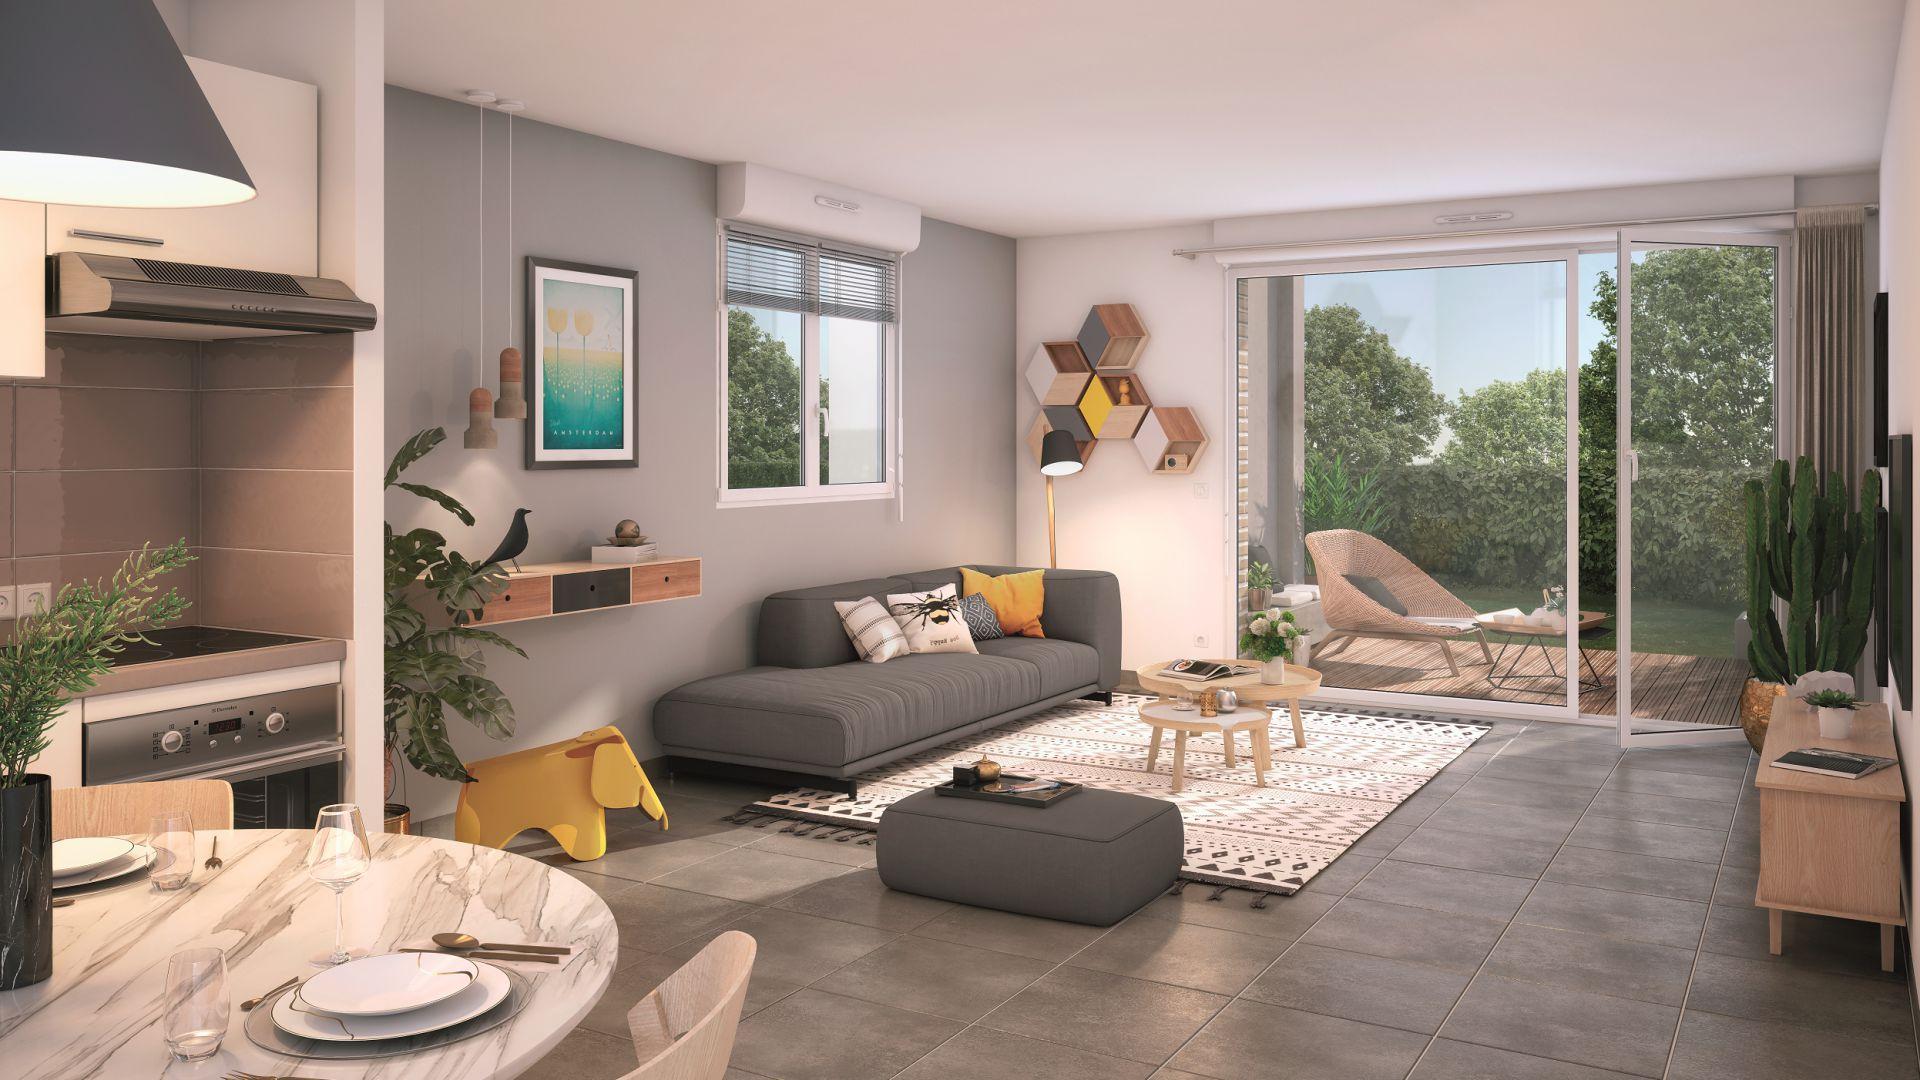 GreenCity immobilier - Frouzins - Résidence Cours du Lac - 31270 - appartements neufs du T1bis au T3  - vue intérieure